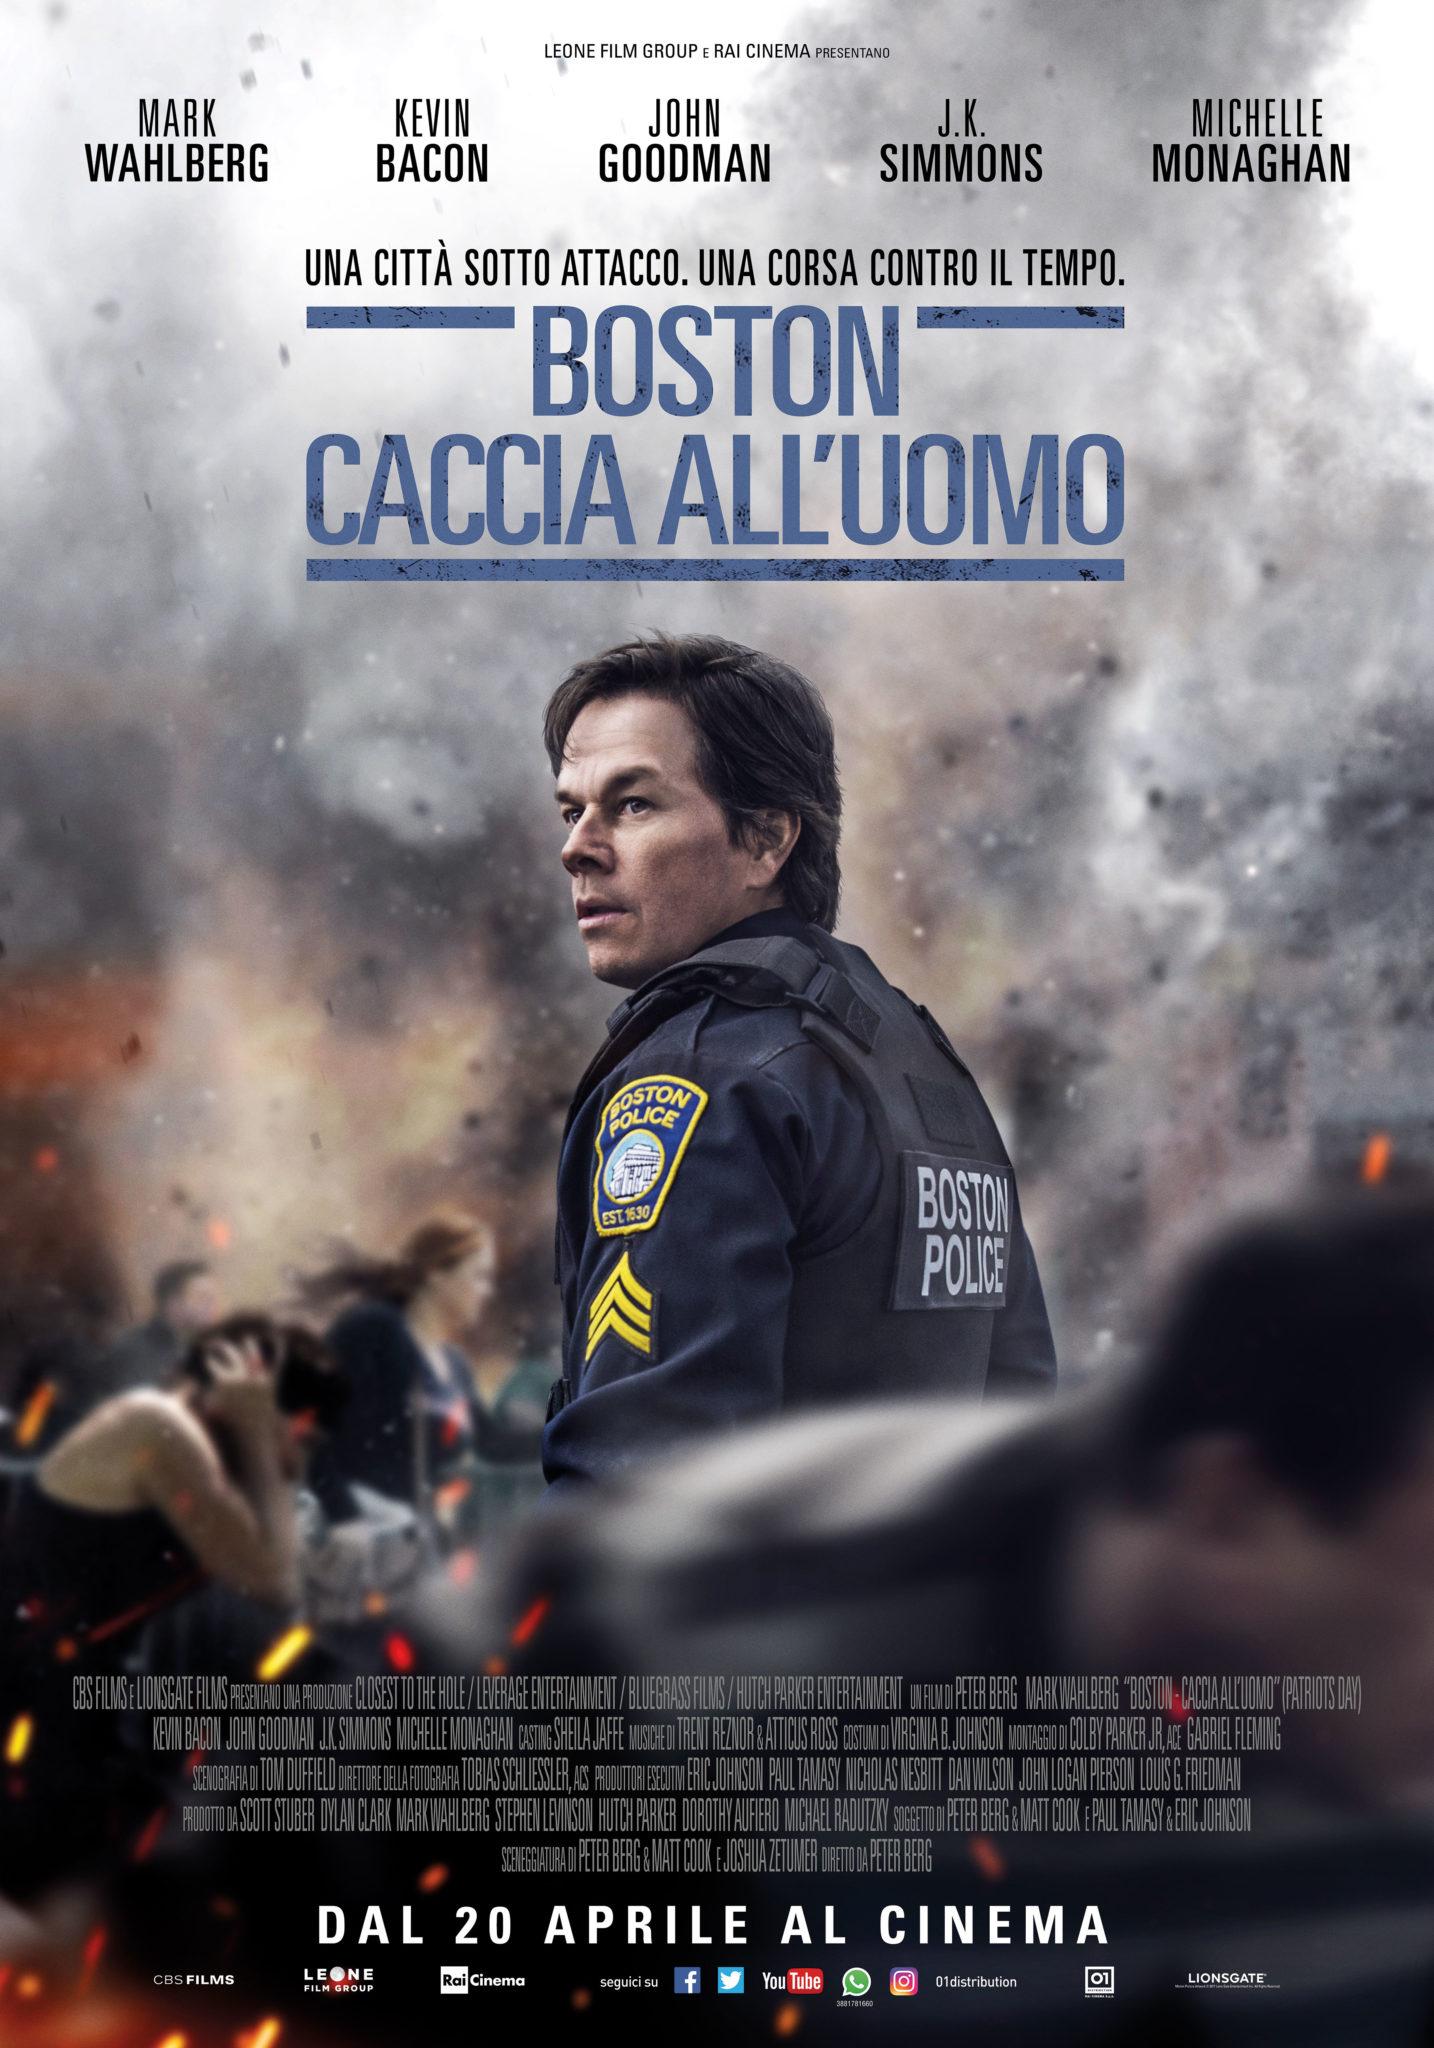 Boston – Caccia all'uomo: Trailer italiano ufficiale del film di Peter Berg